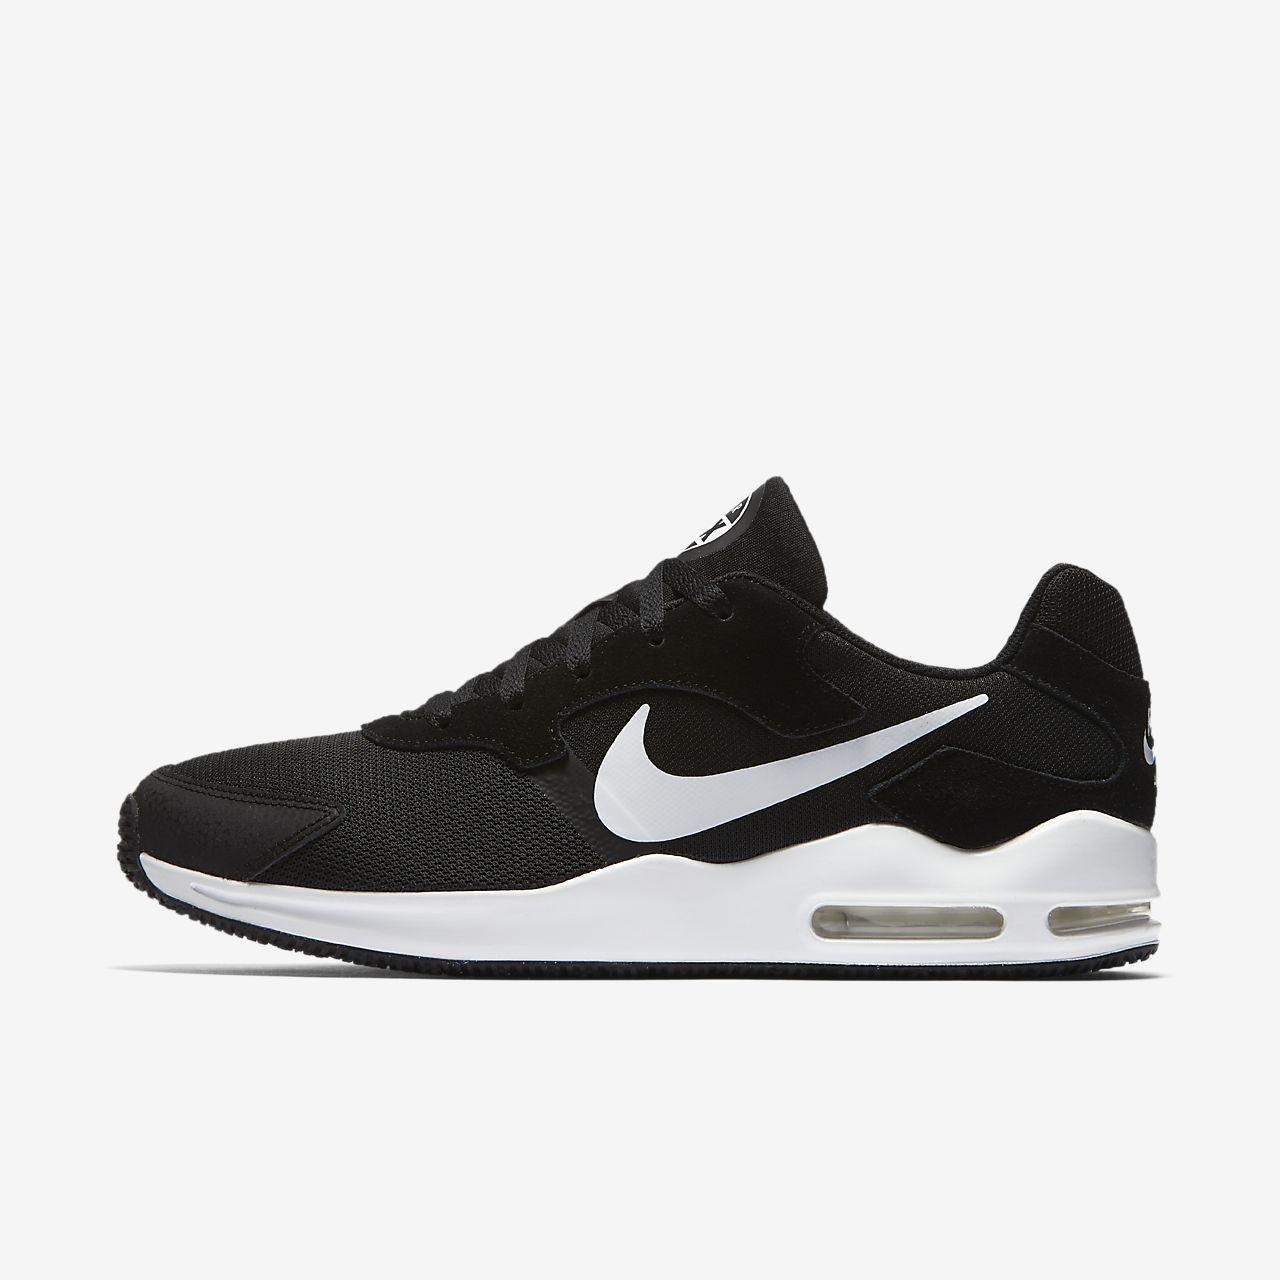 Nike Air Max Guile男子运动鞋